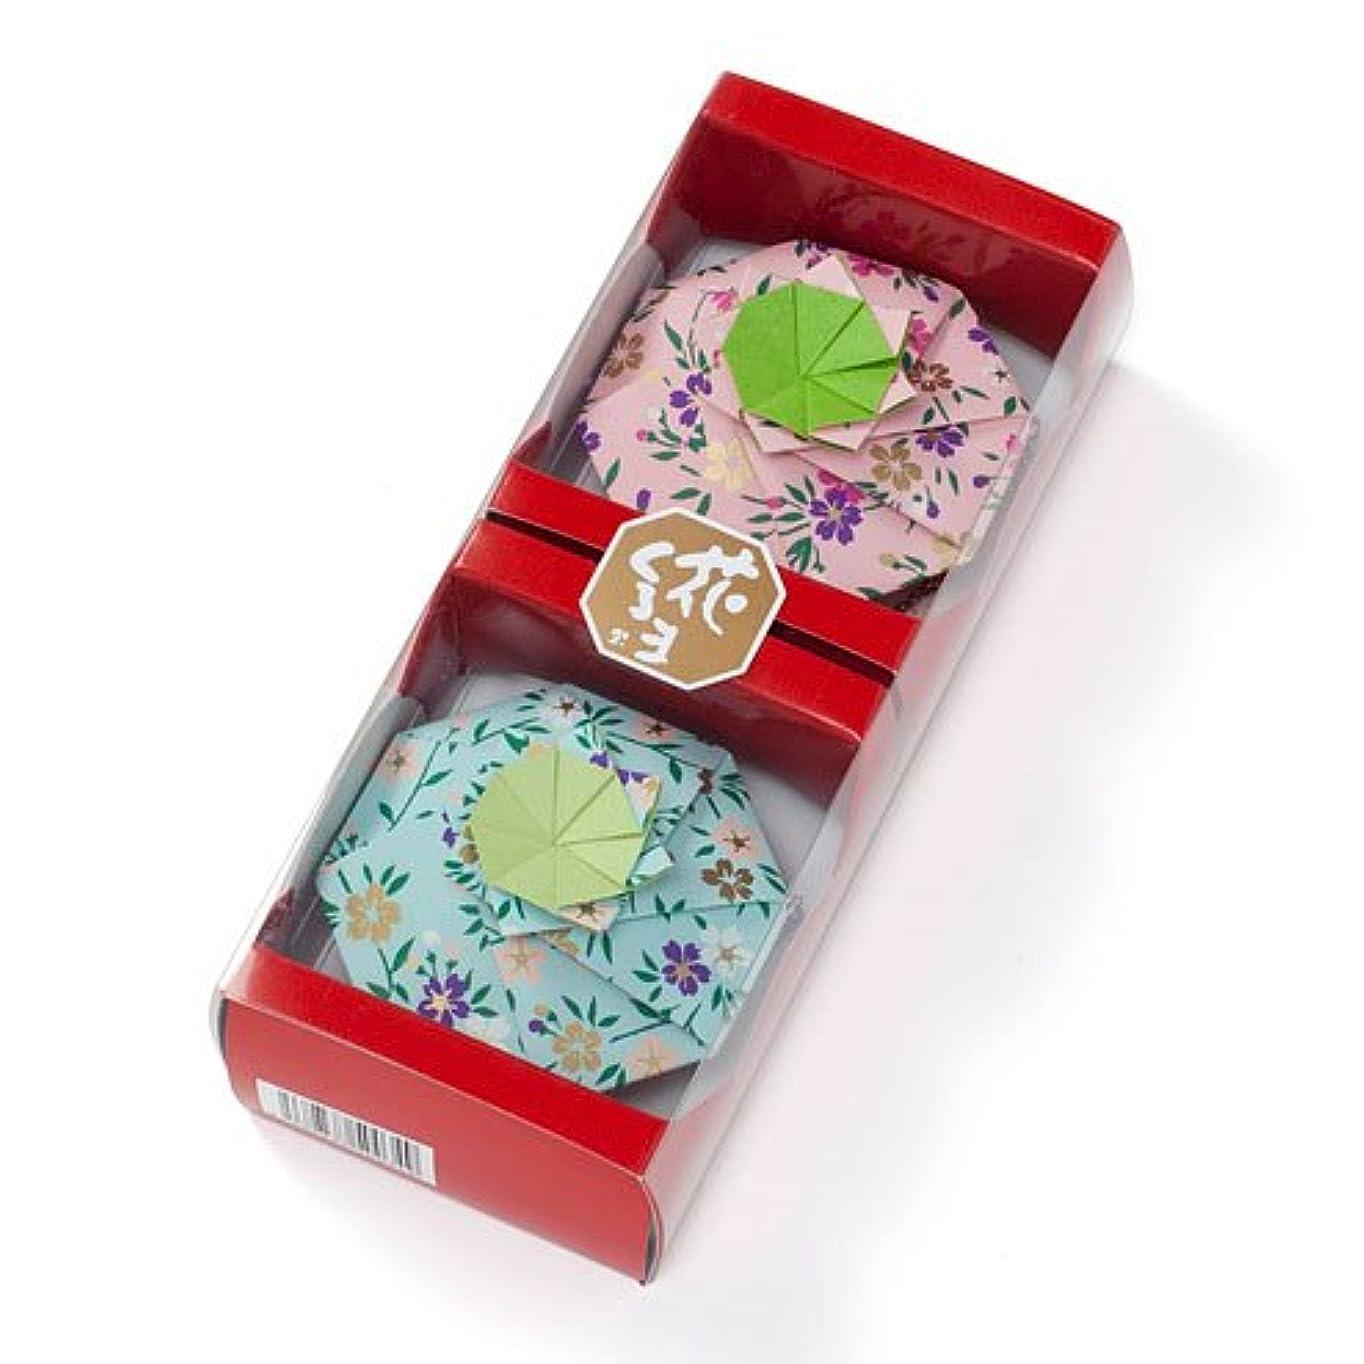 藤色トン高音松栄堂 匂い袋 花くるま 2個入 はなくるま (全6色)(色おまかせ、もしくは色指定の場合はメッセージ欄へ)